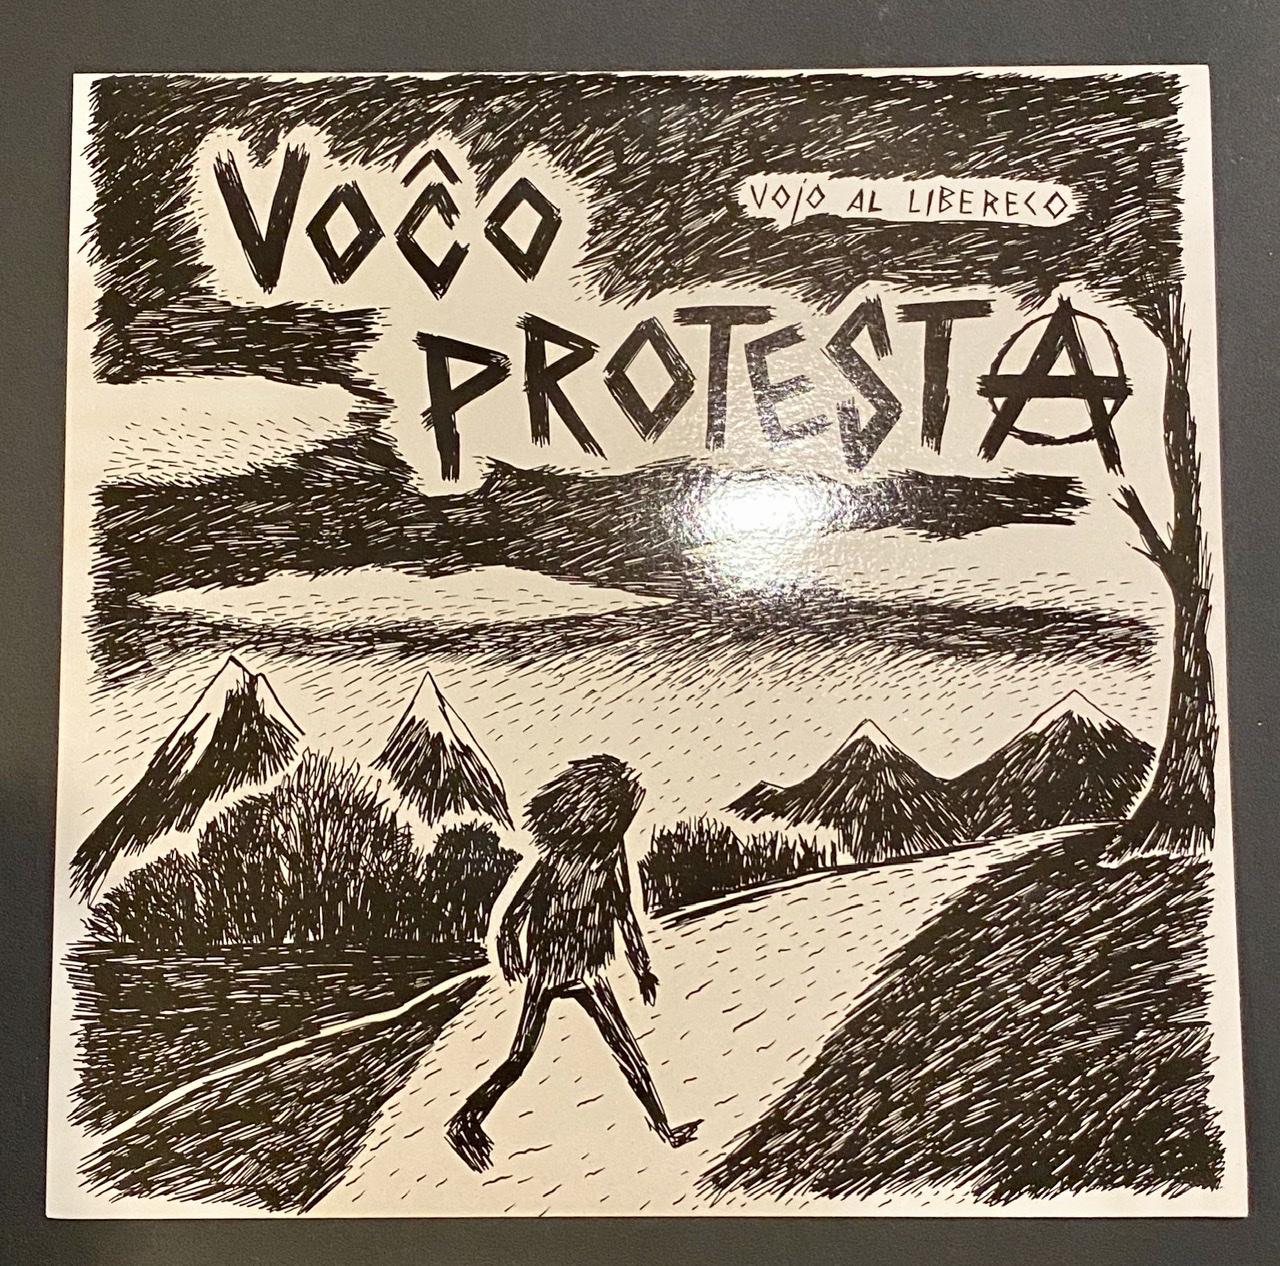 """VOCO PROTESTA - Vojo Al Libereco 12"""""""